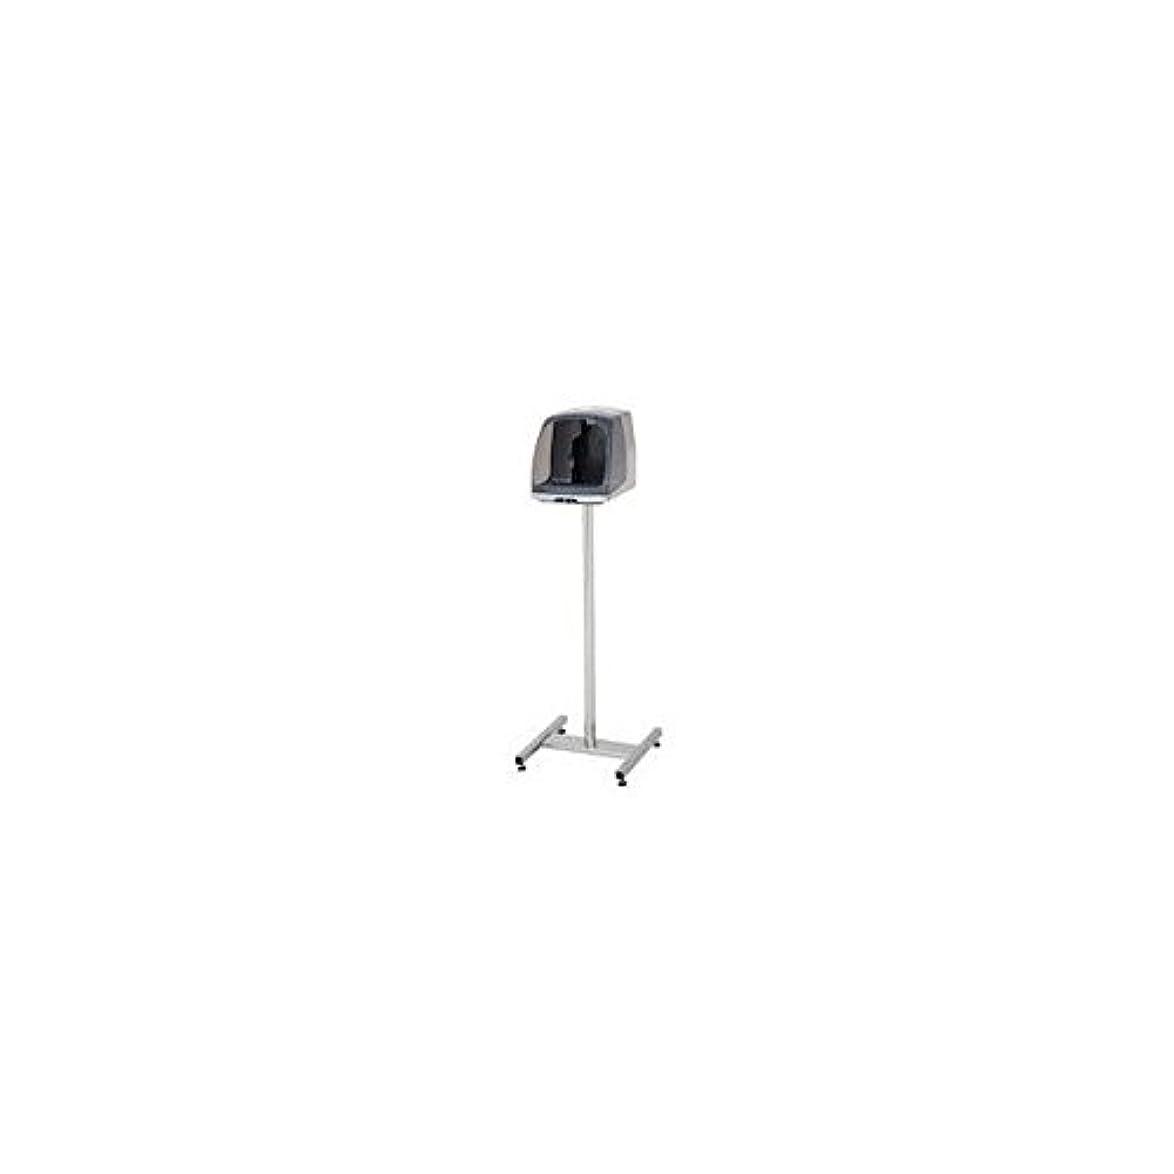 識字怠感制限された自動手指消毒器 HDI-9000用 架台スタンド キャスターなし 【品番】XSY8501